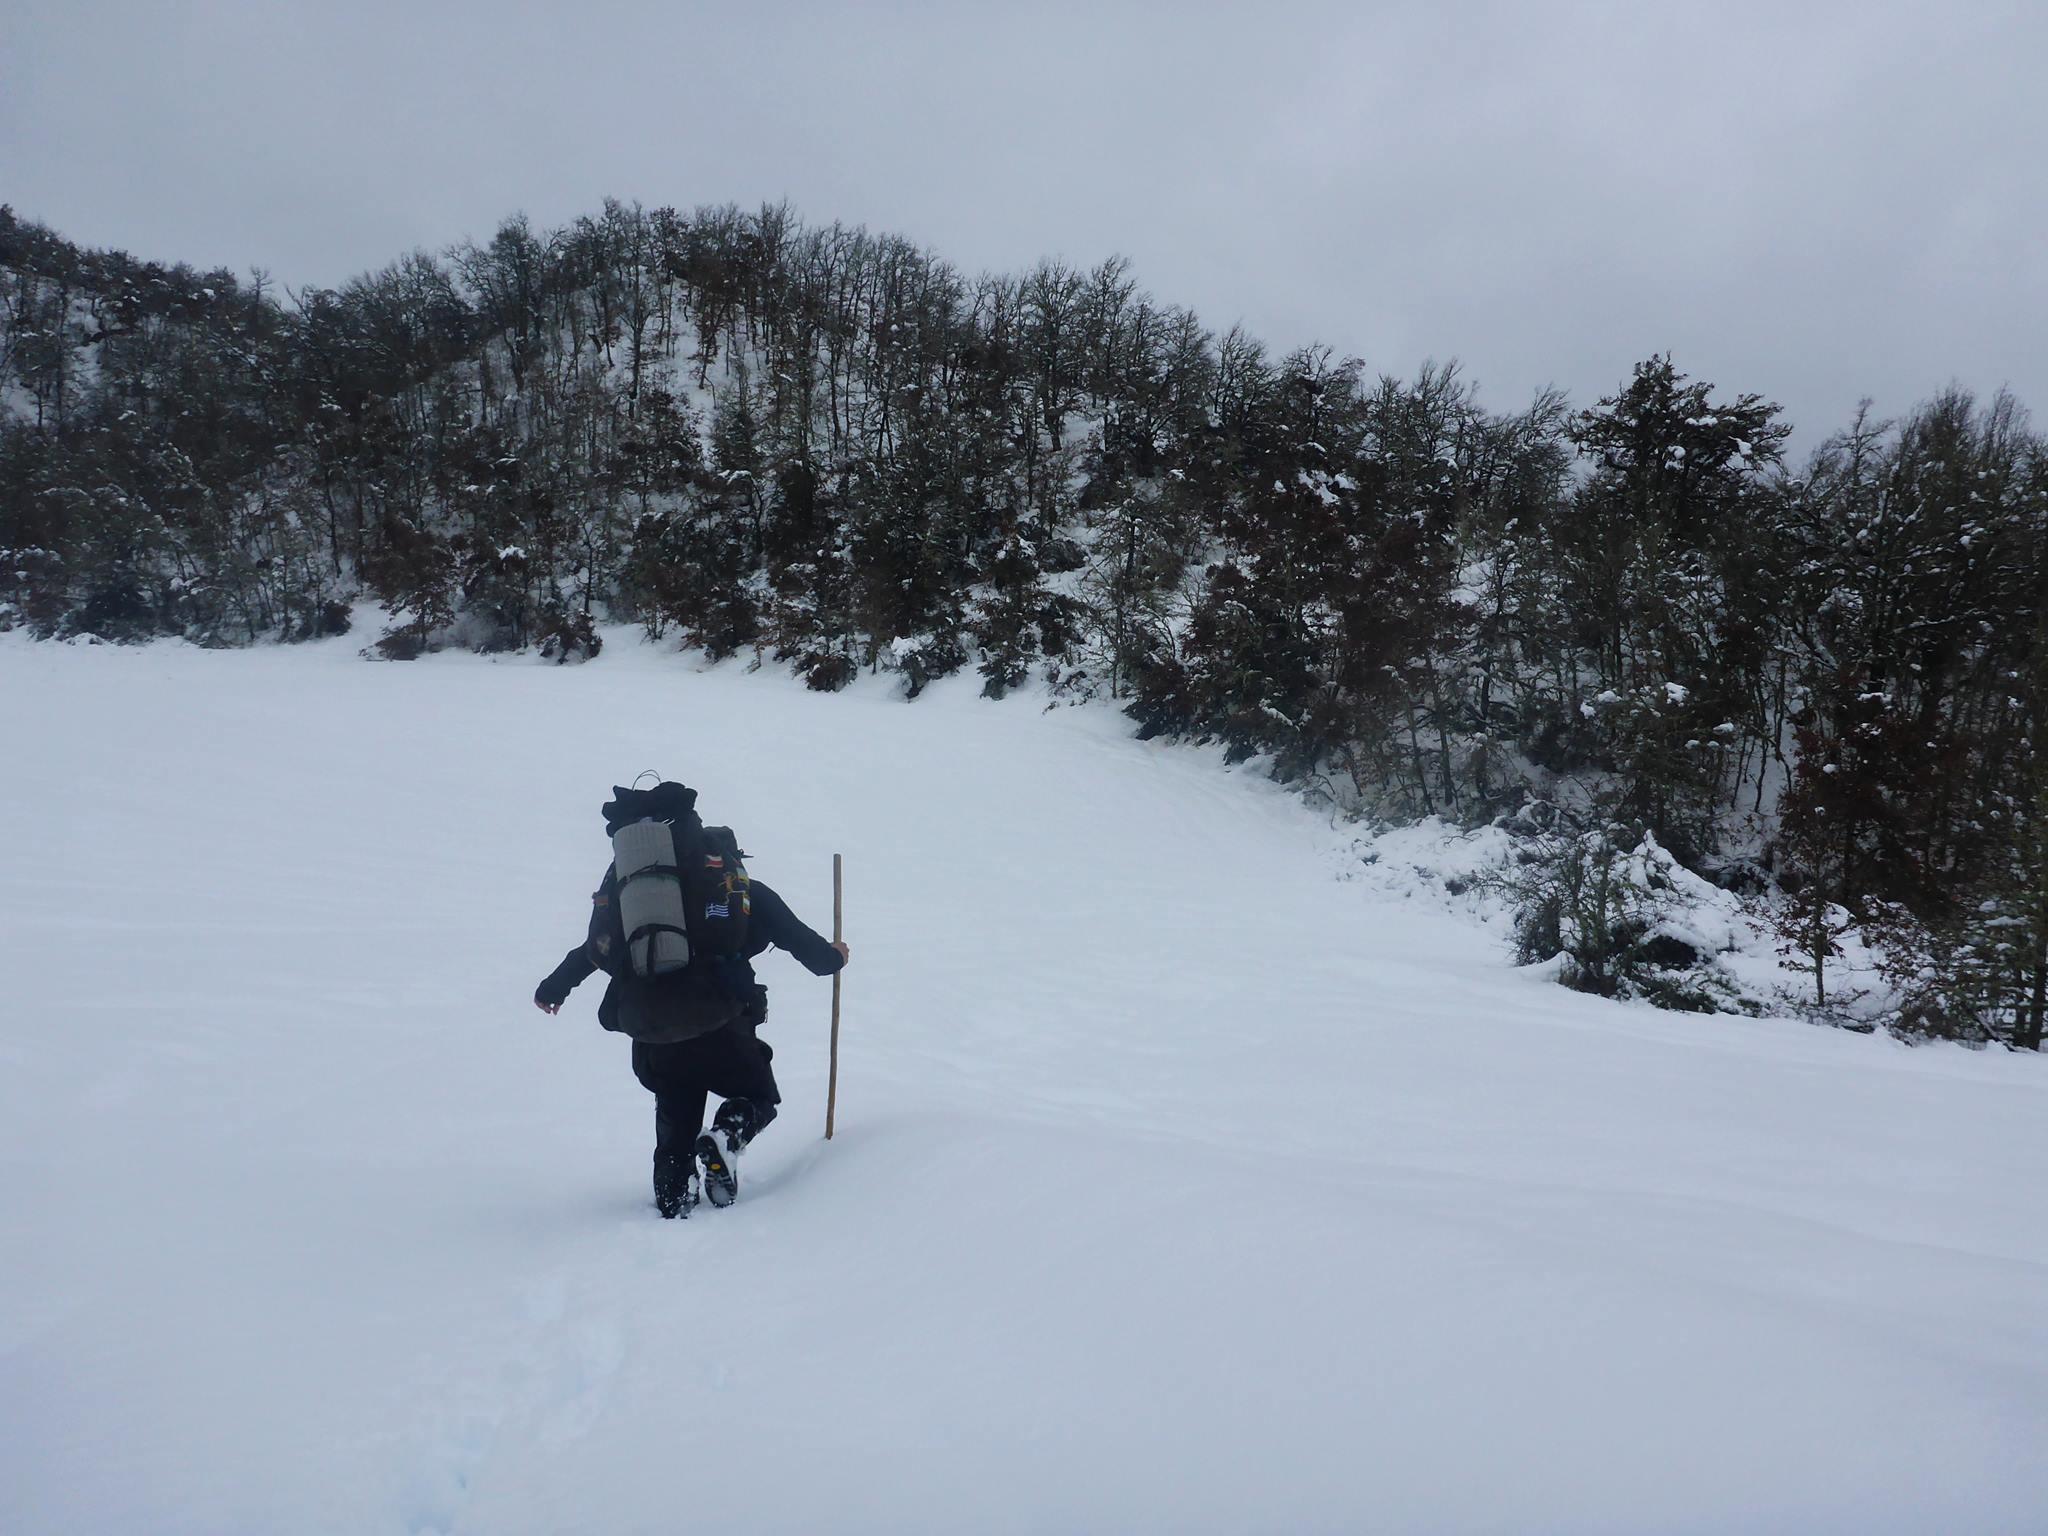 Voulant prendre un raccourci je galère dans 80 centimètres de neige horrible pendant plus de sept heures. Le tout pour faire cinq kilomètres !